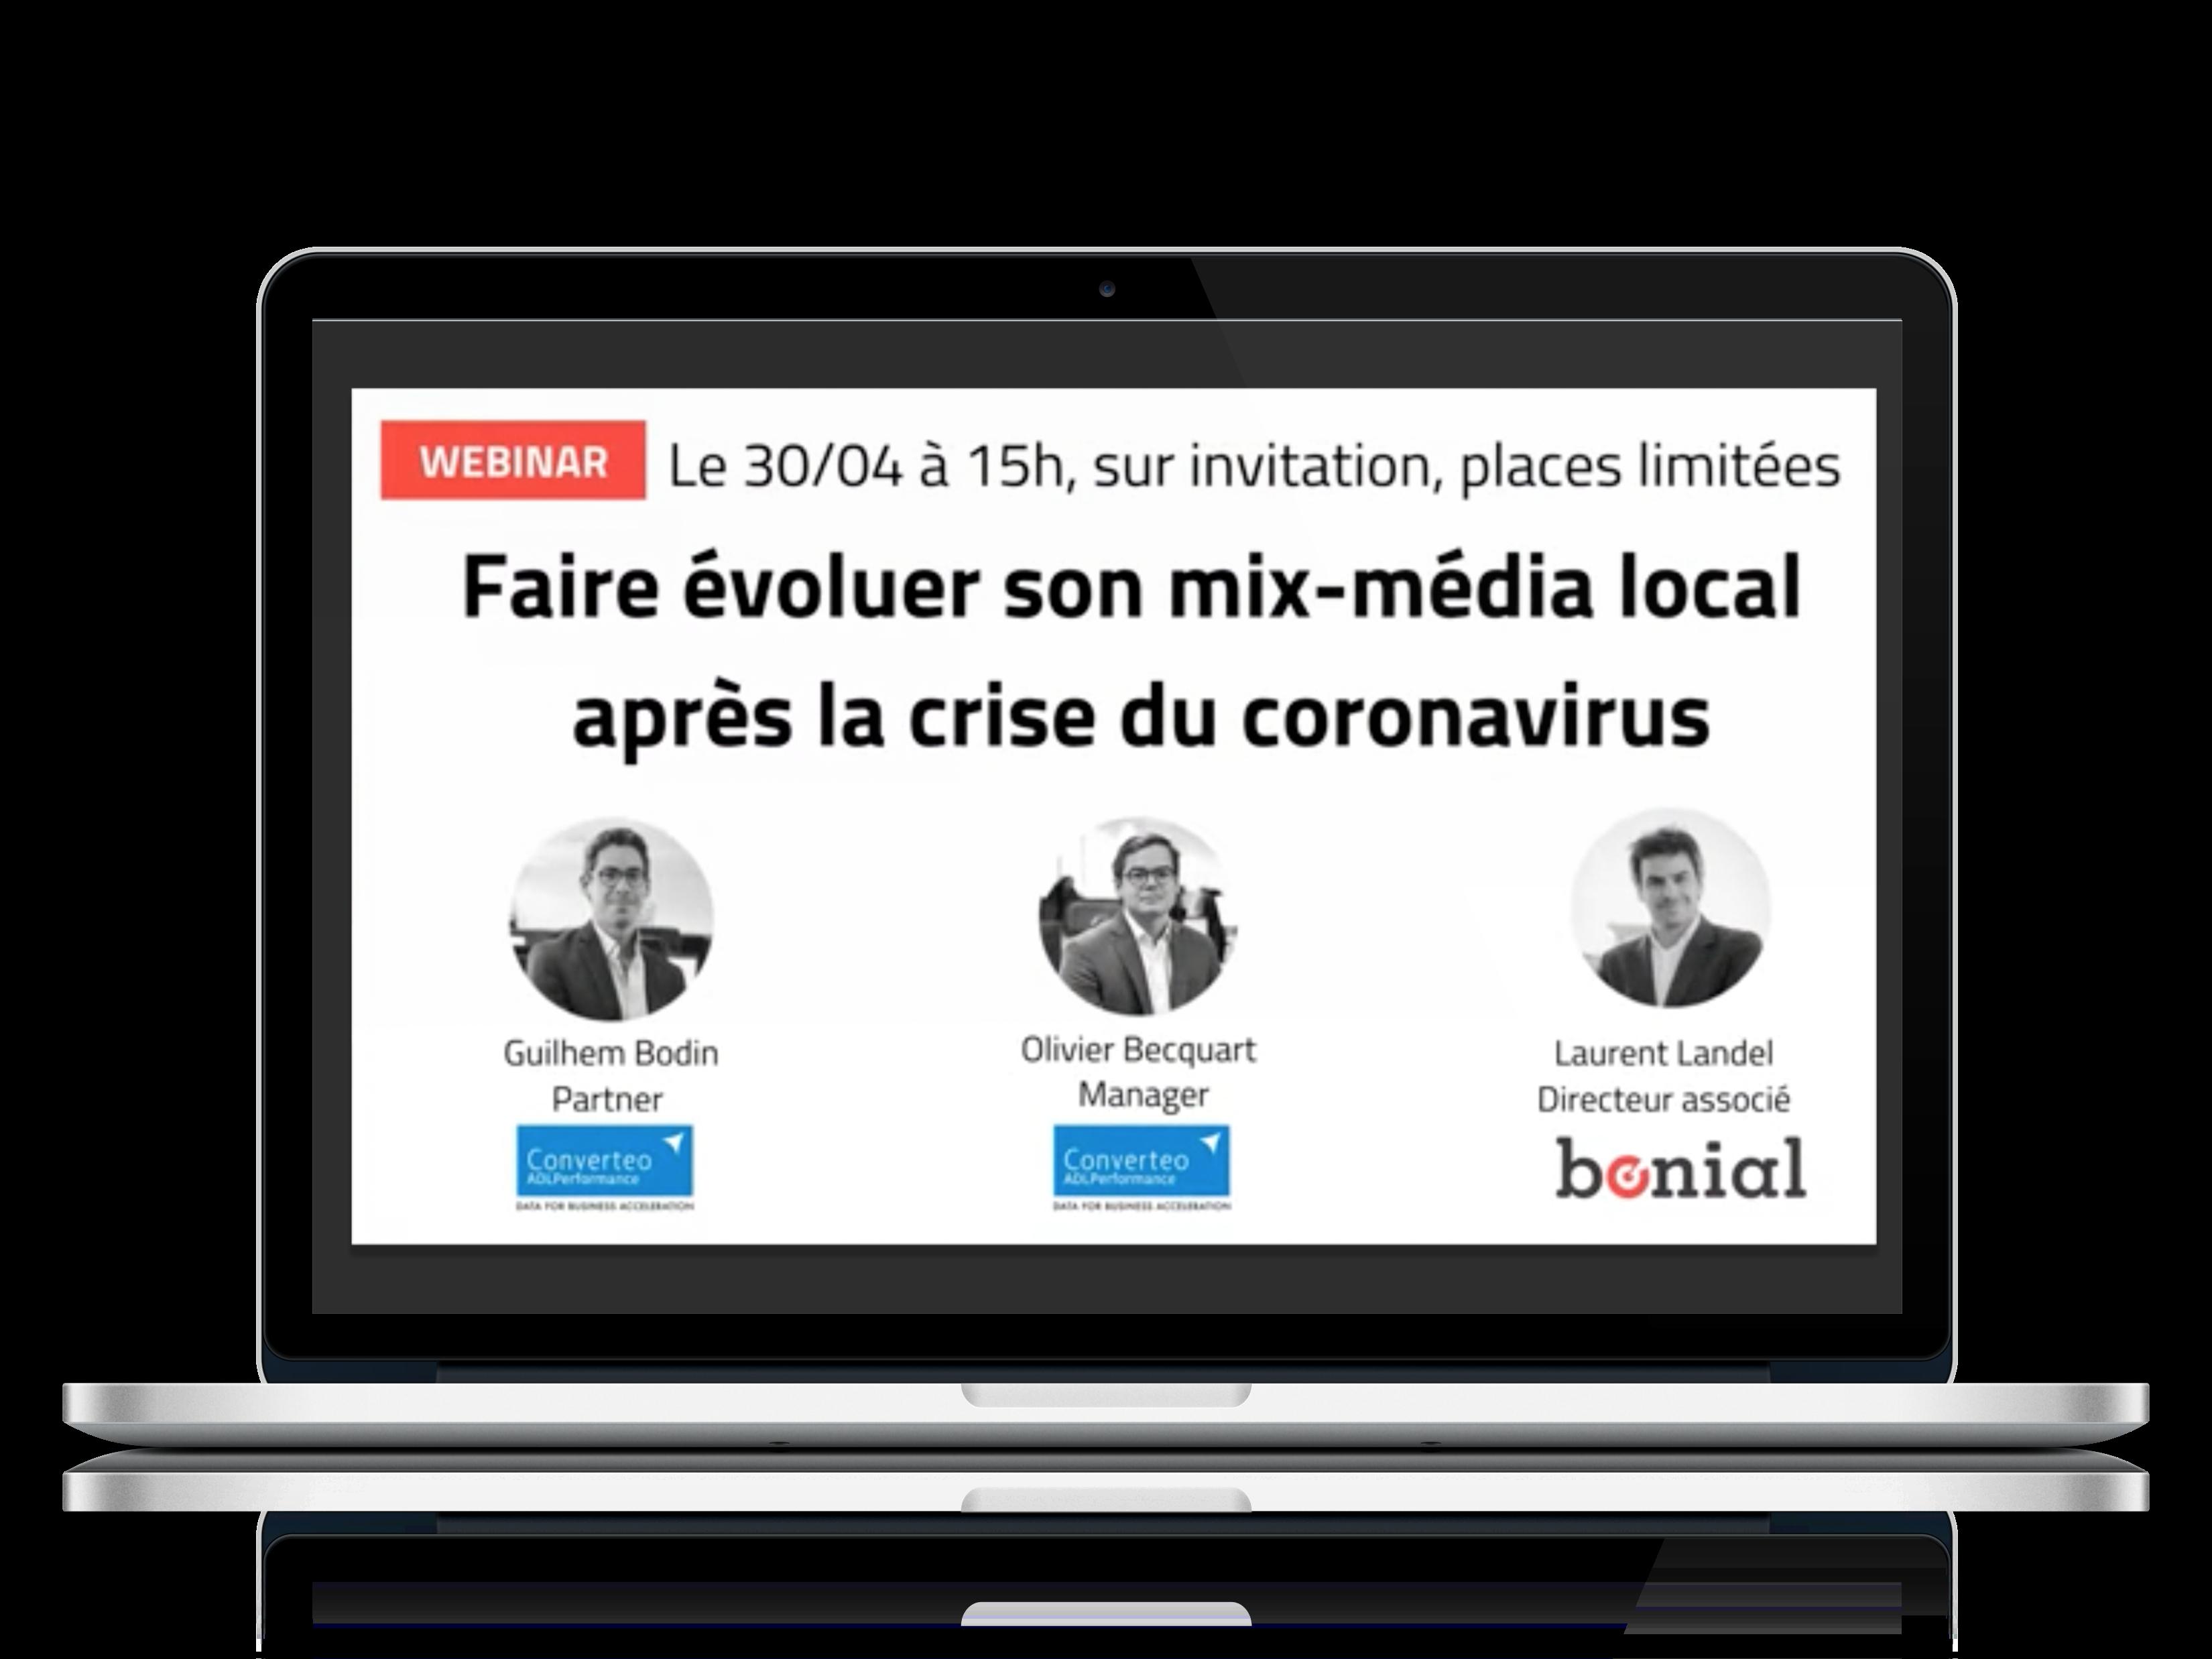 Faire évoluer son mix-média local après la crise du coronavirus (webinar)